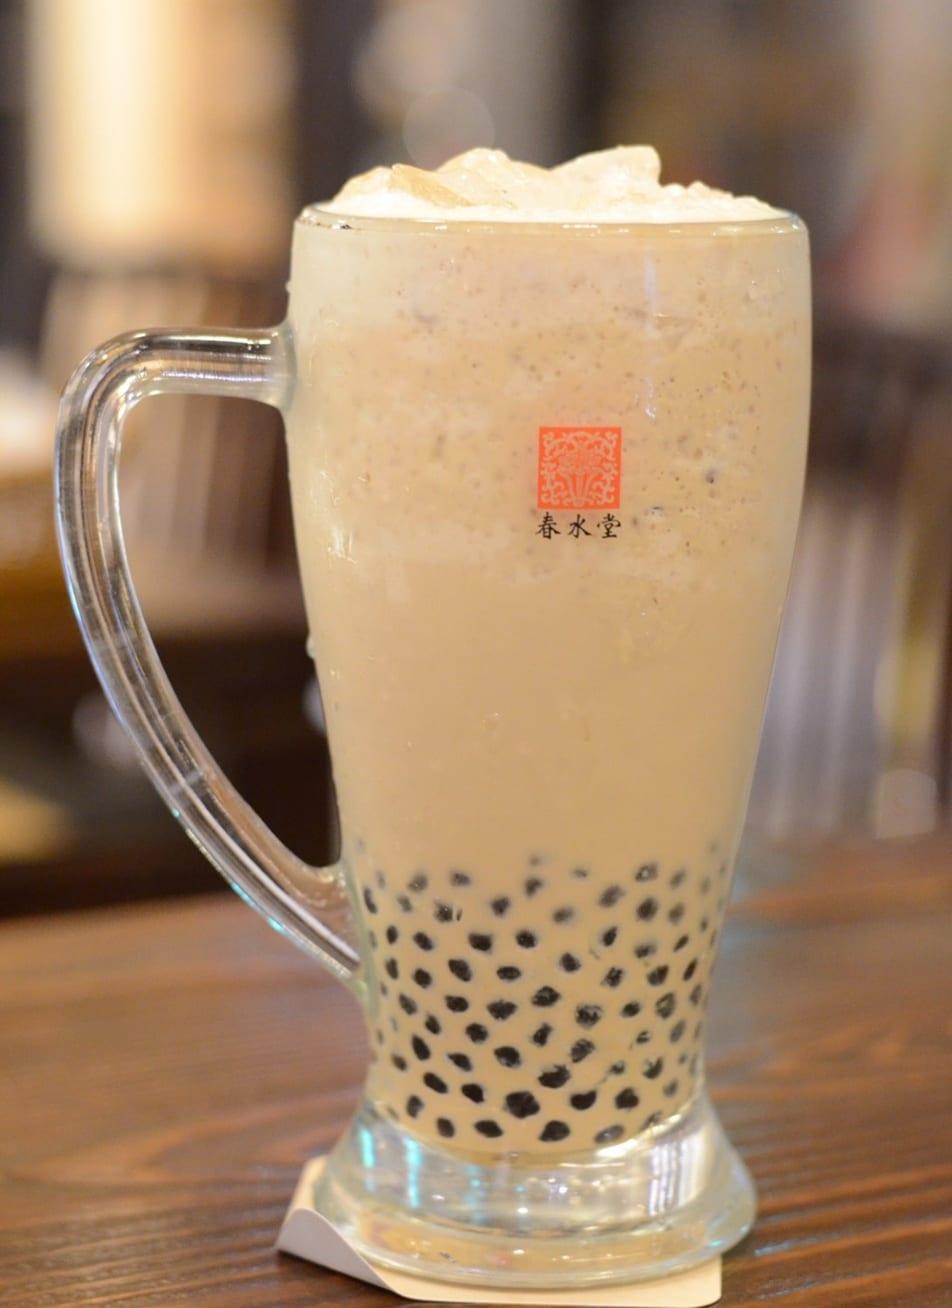 ชาไข่มุก ไต้หวัน, ชานมไต้หวัน, ชานมไข่มุก ไต้หวัน, ร้านชาไข่มุก